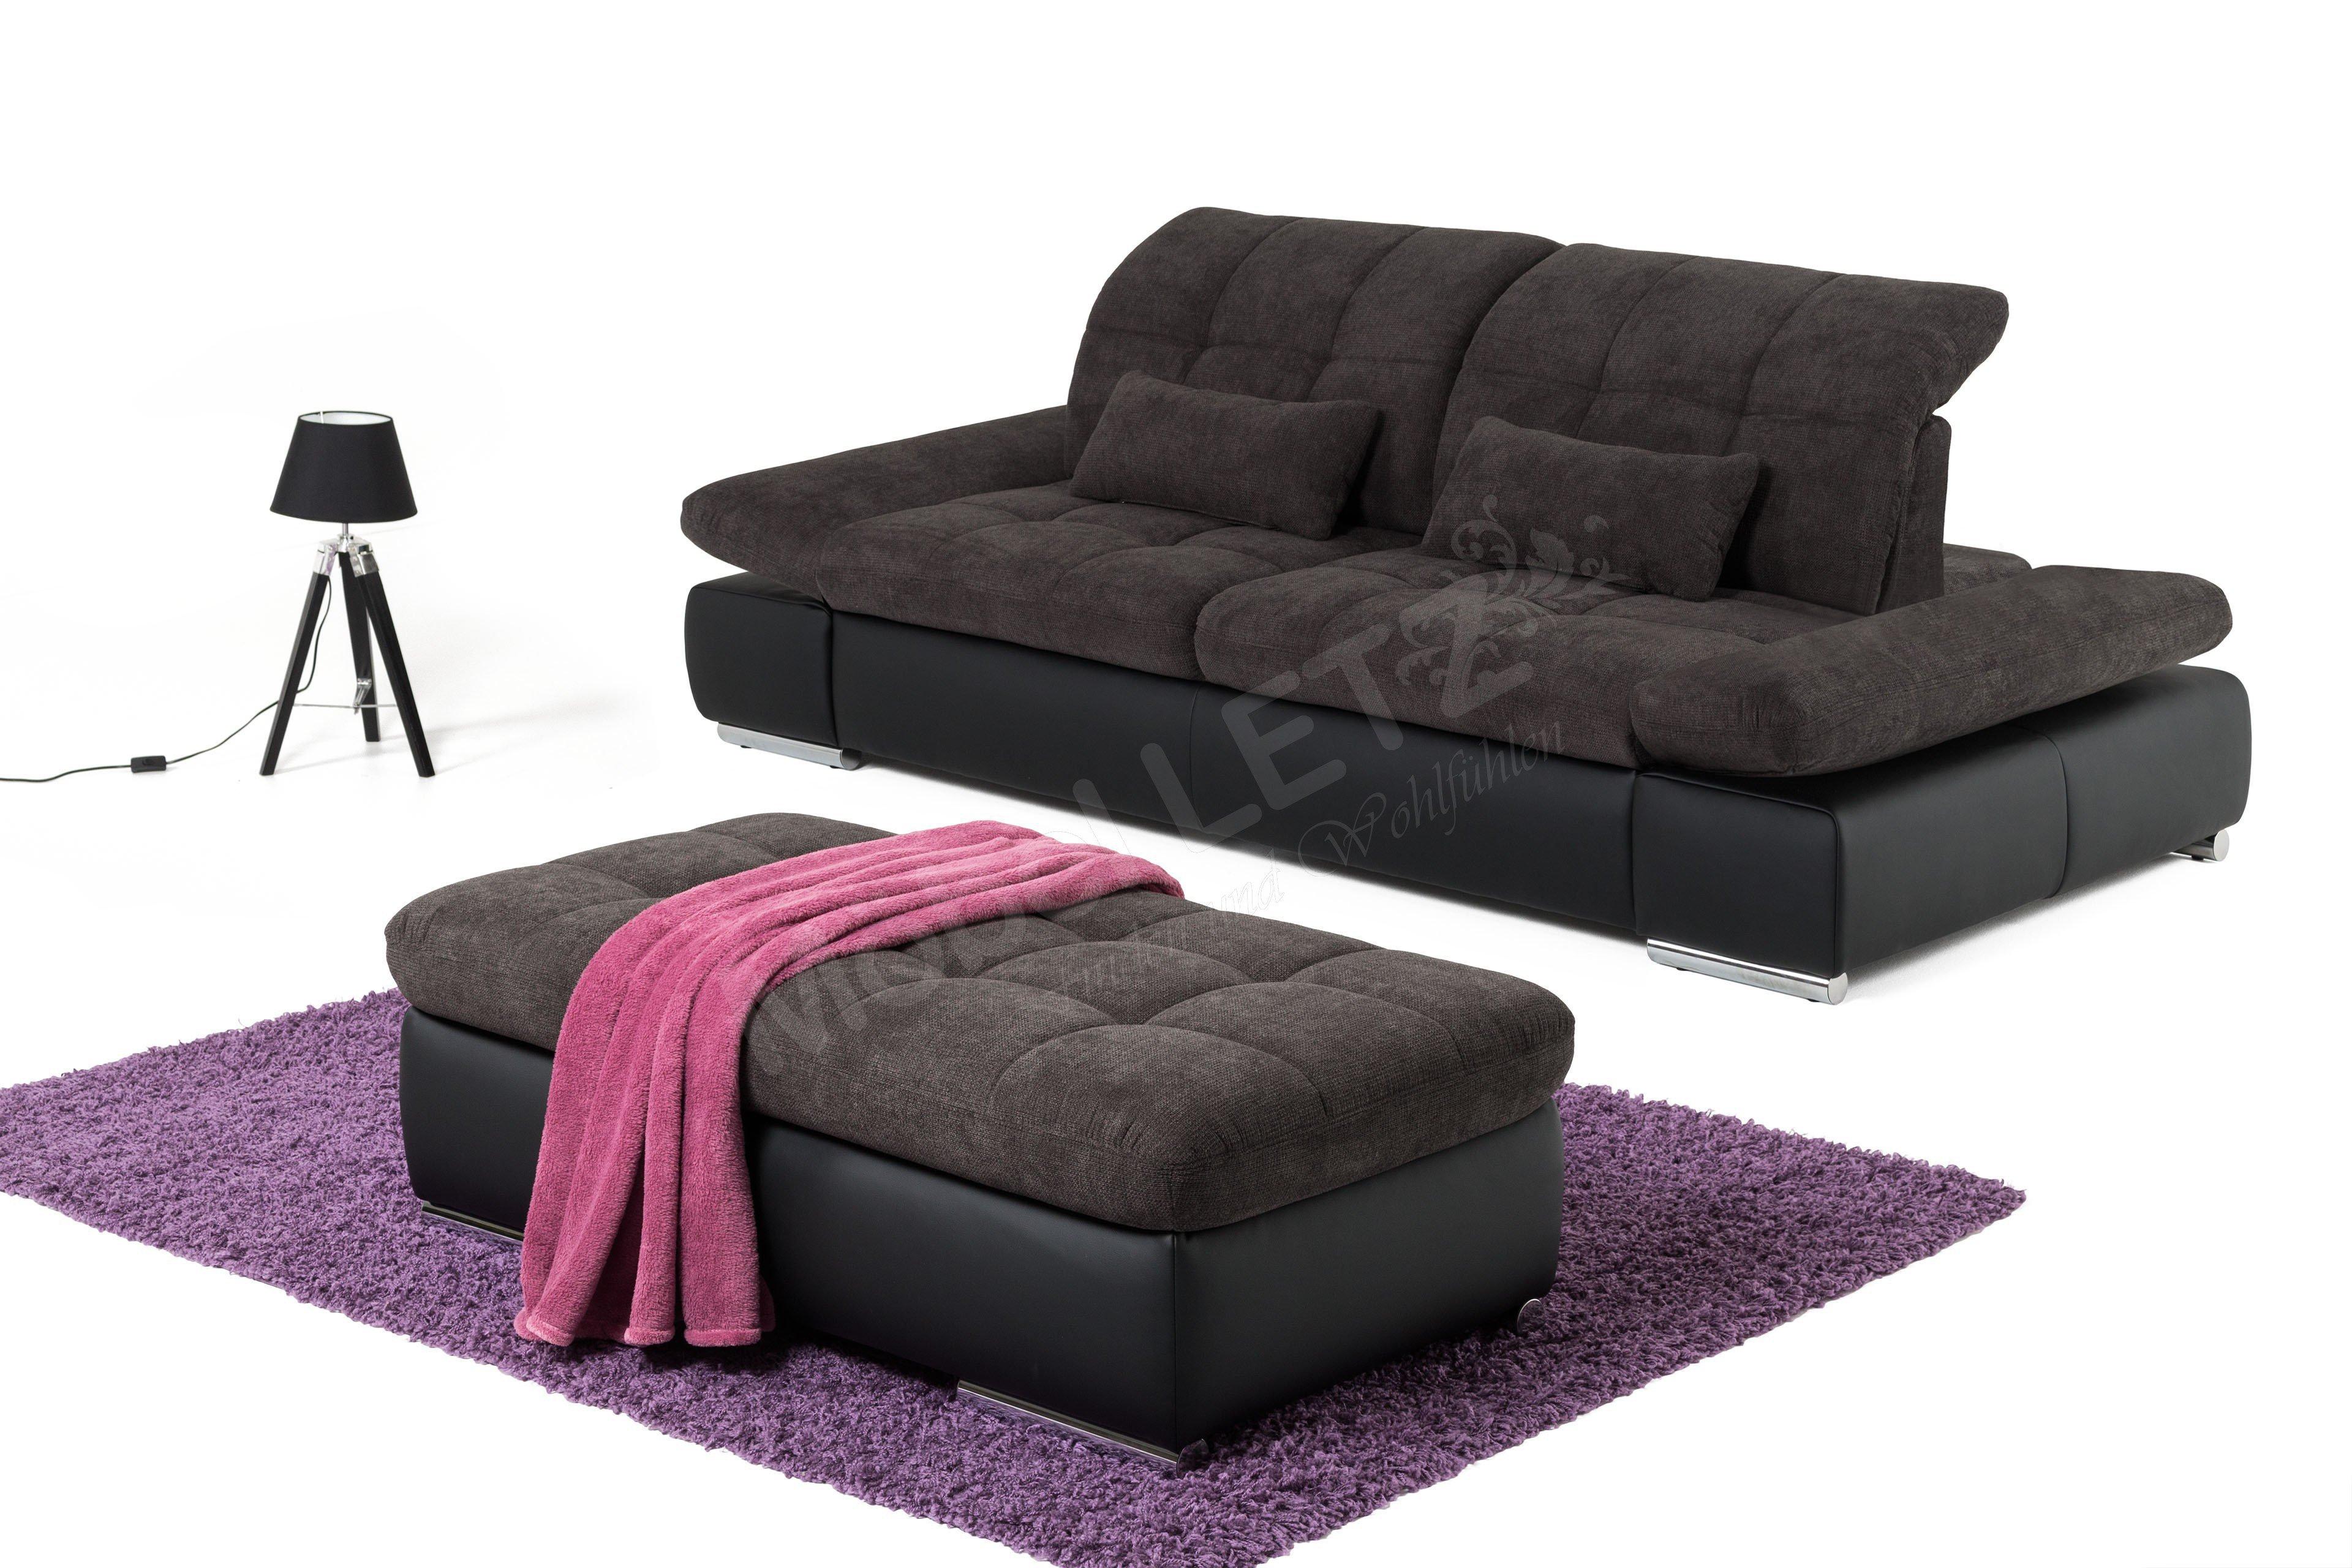 platzsparend ideen couch relax, top ergebnis 50 inspirierend relax zweisitzer foto 2017 gst3 2017, Innenarchitektur